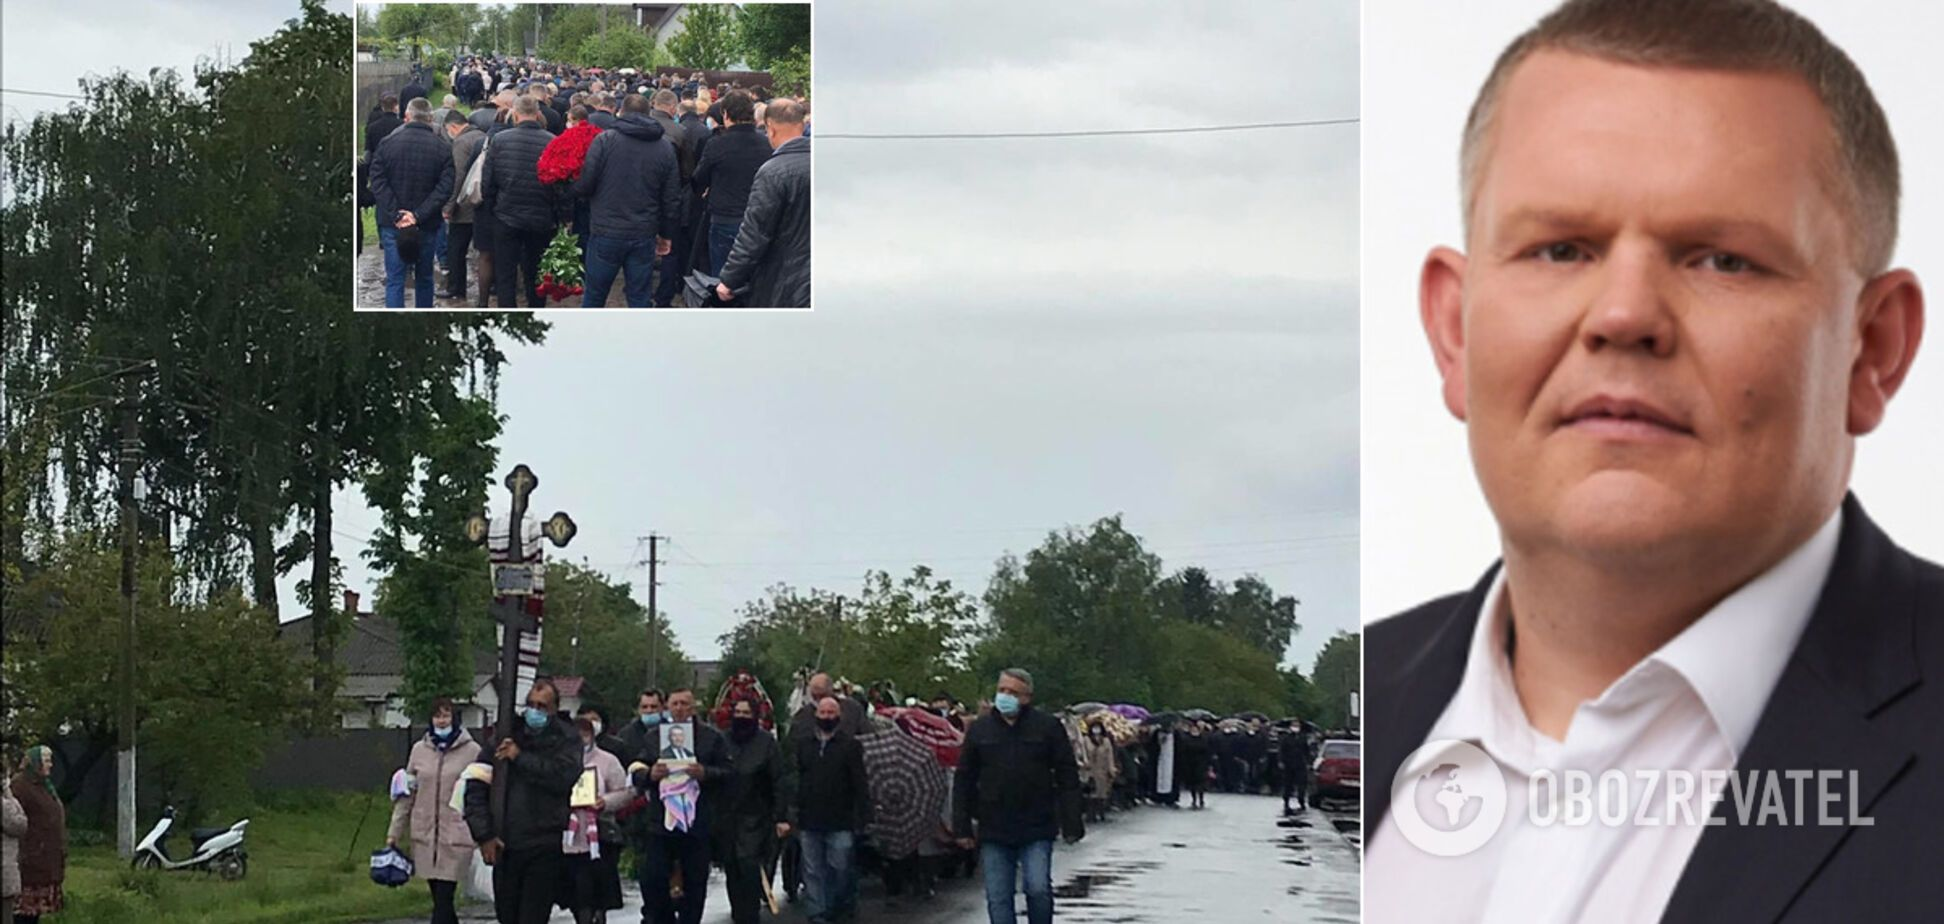 Нардепа Давыденко похоронили на Черниговщине: пришли сотни людей. Фото